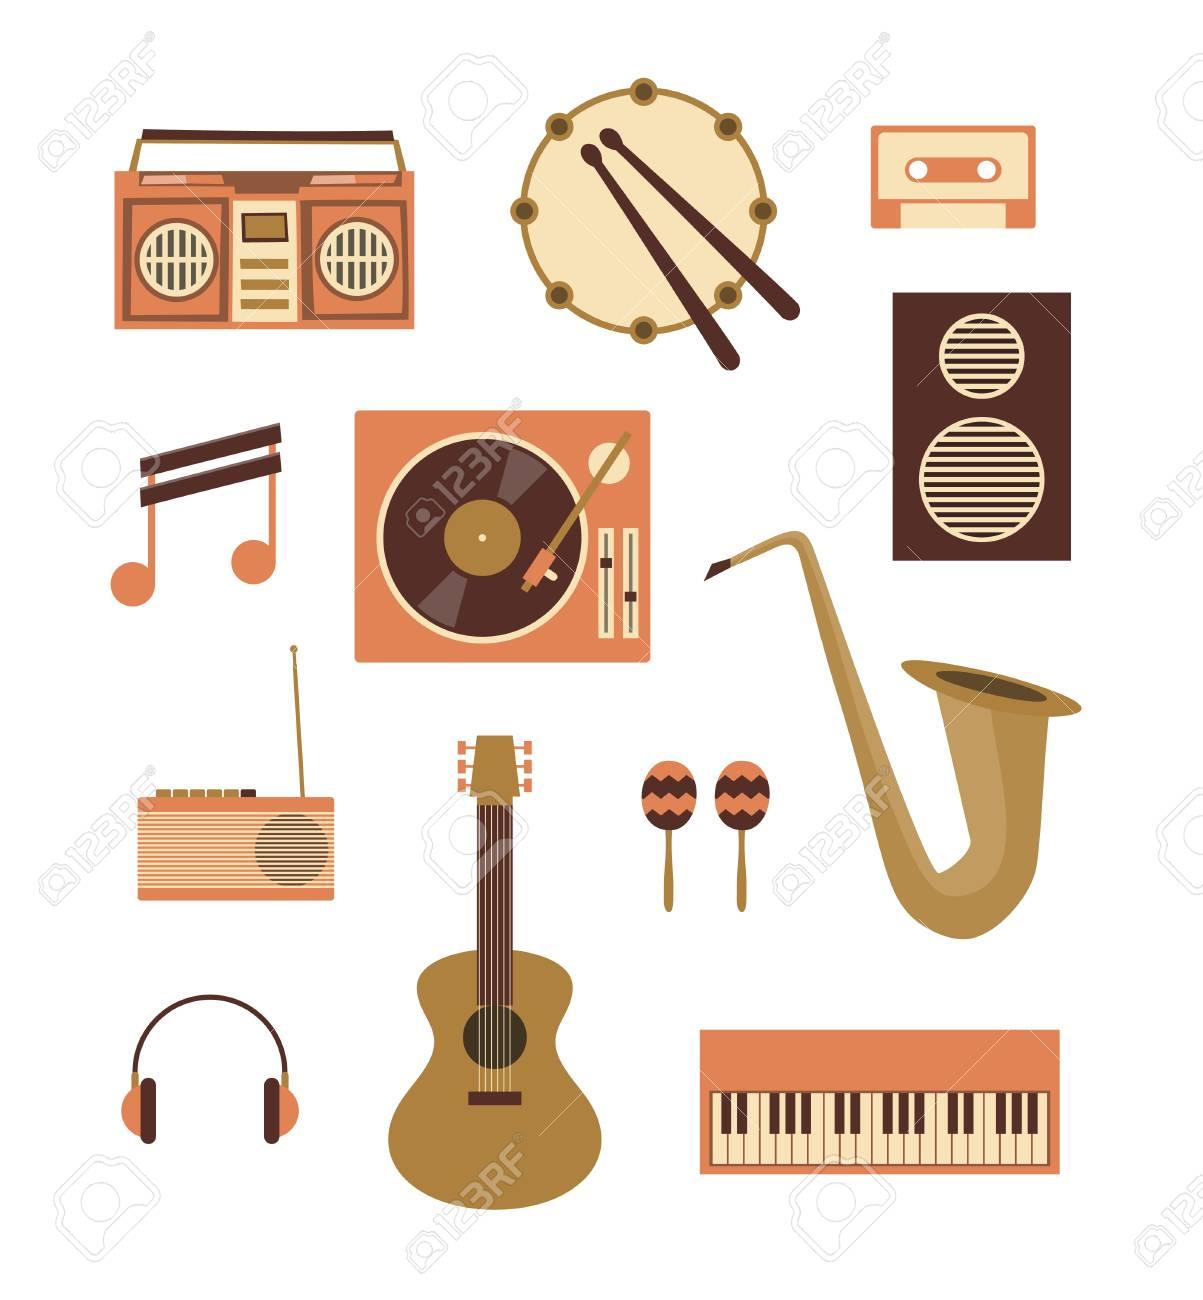 Illustration De Plat Vector, Jeu D'icônes De Musique: Enregistreur,  Tambour, Cassette Audio, Note, Platine Vinyle, Haut-Parleur Radio Guitare  Maracas avec Jeu Des Instruments De Musique